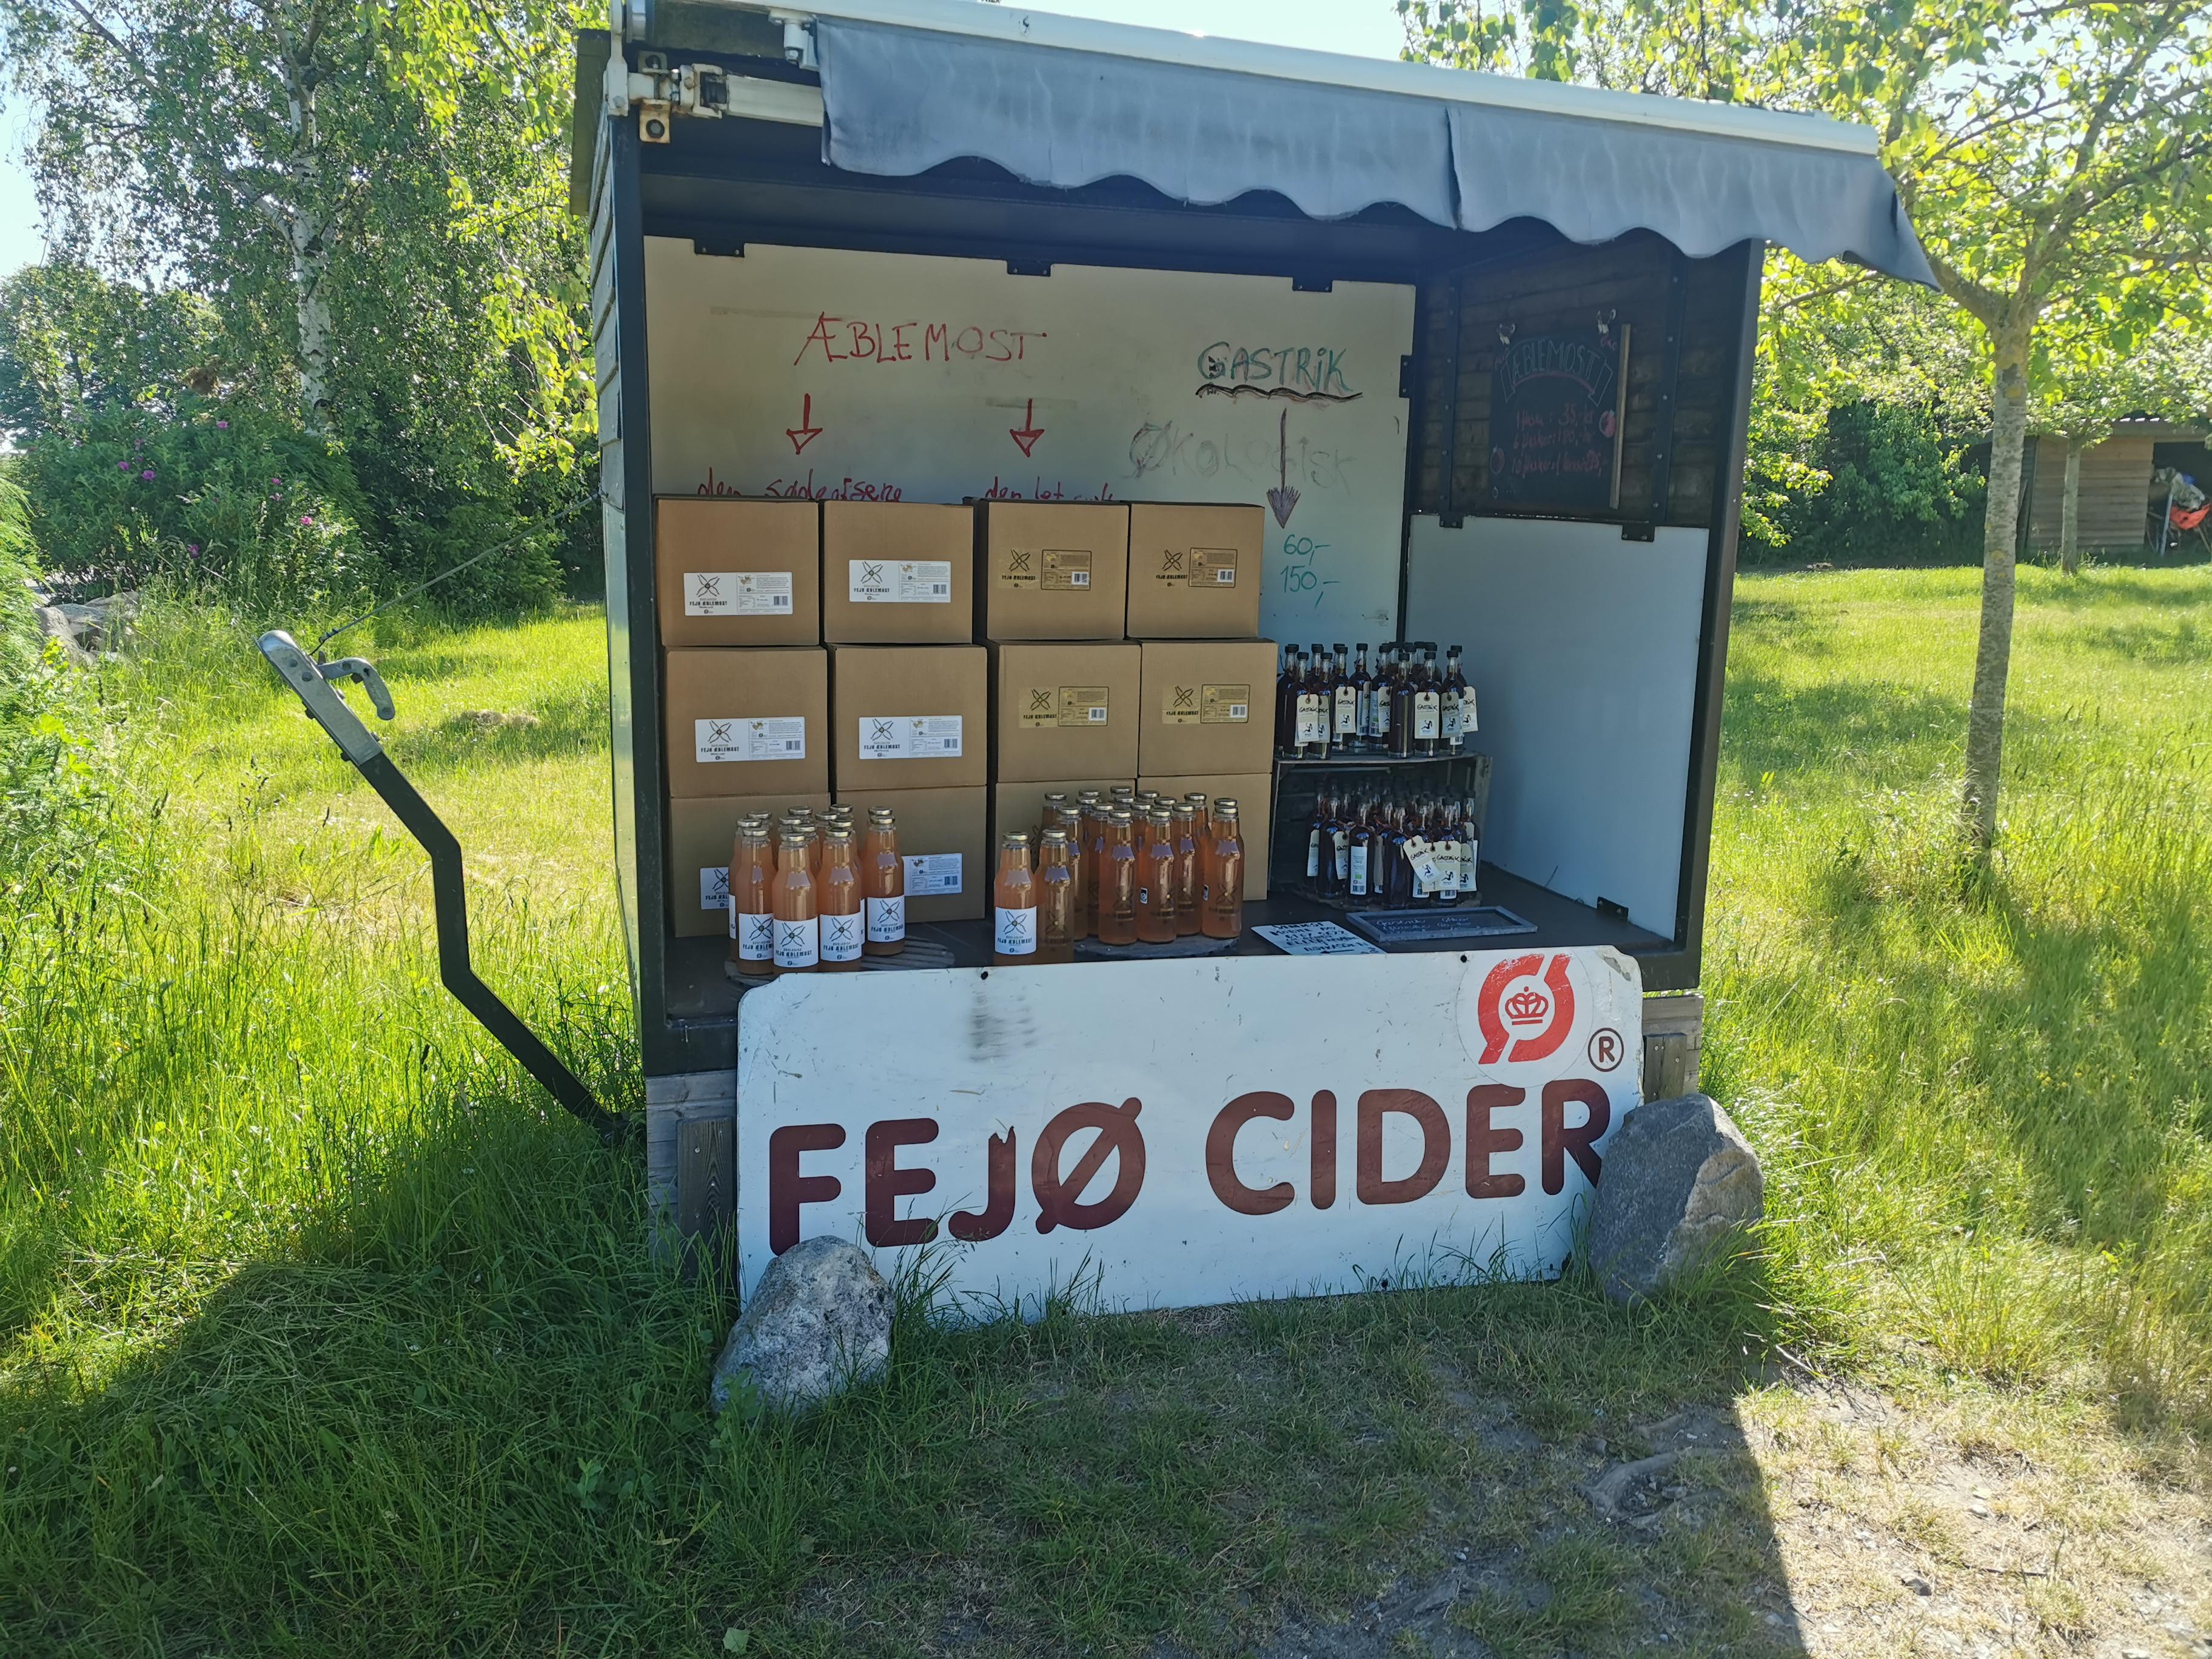 Fejø Cider og æblemost.